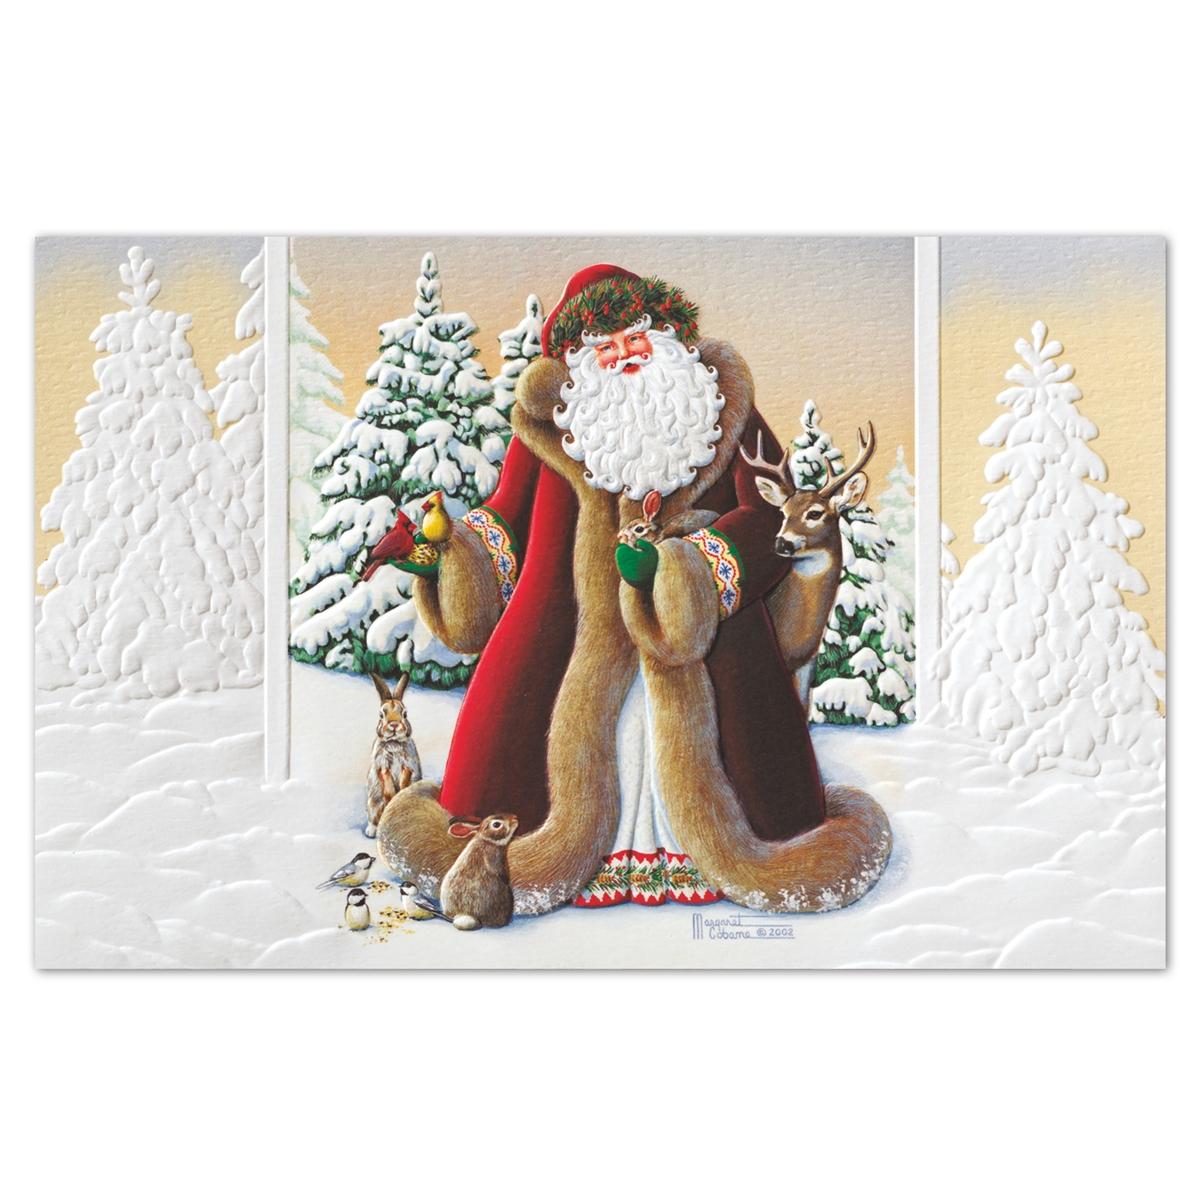 Woodland Santa Holiday Cards